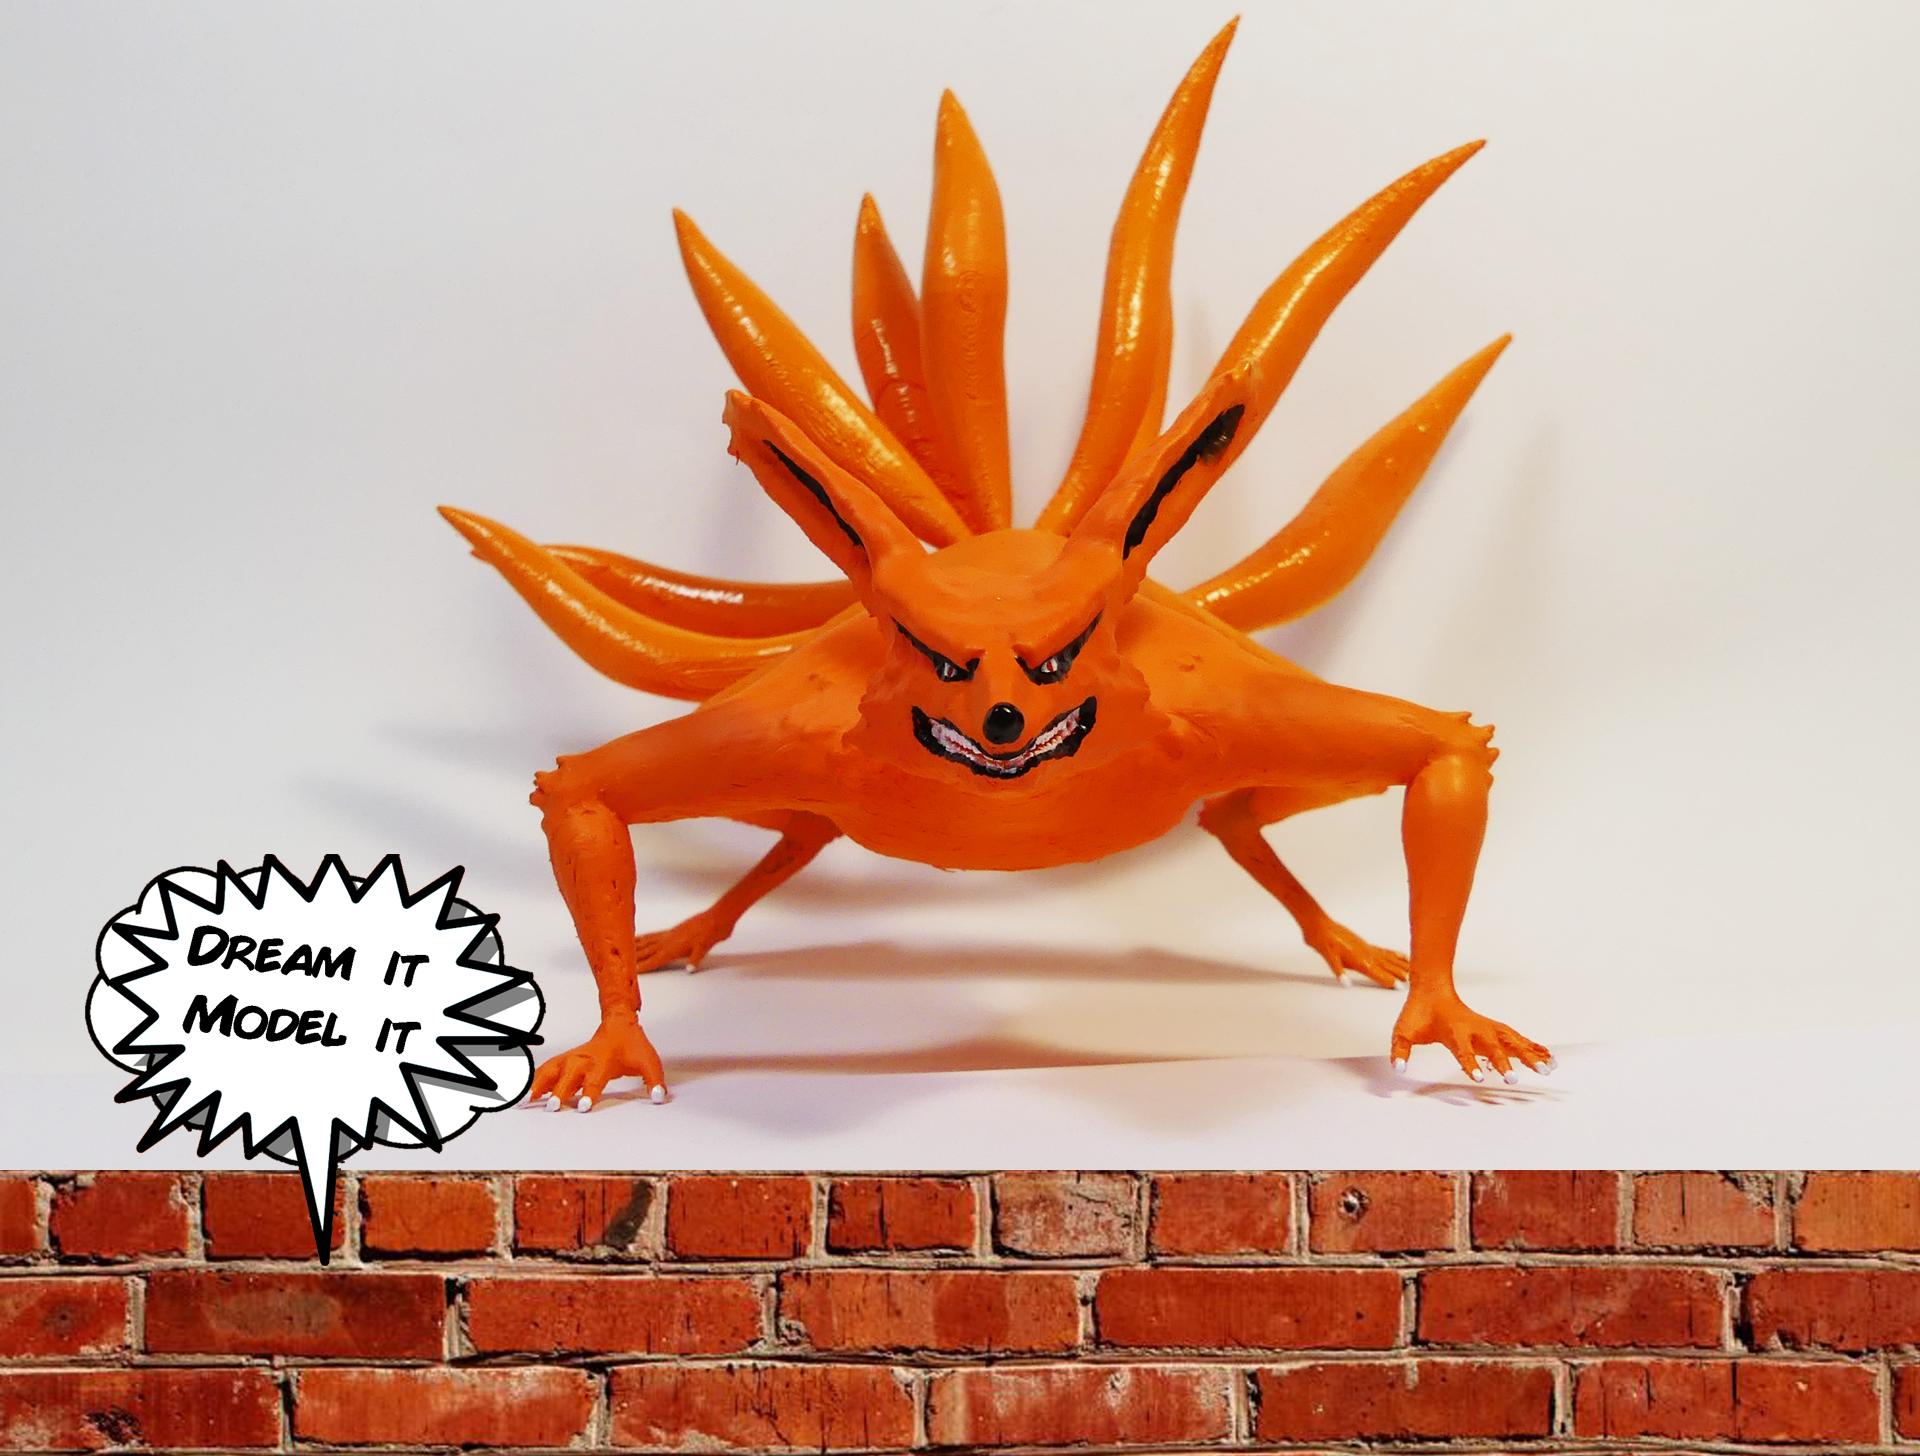 kyuubi.png Télécharger fichier OBJ gratuit Kyuubi[Naruto] • Plan imprimable en 3D, Dream_it_Model_it